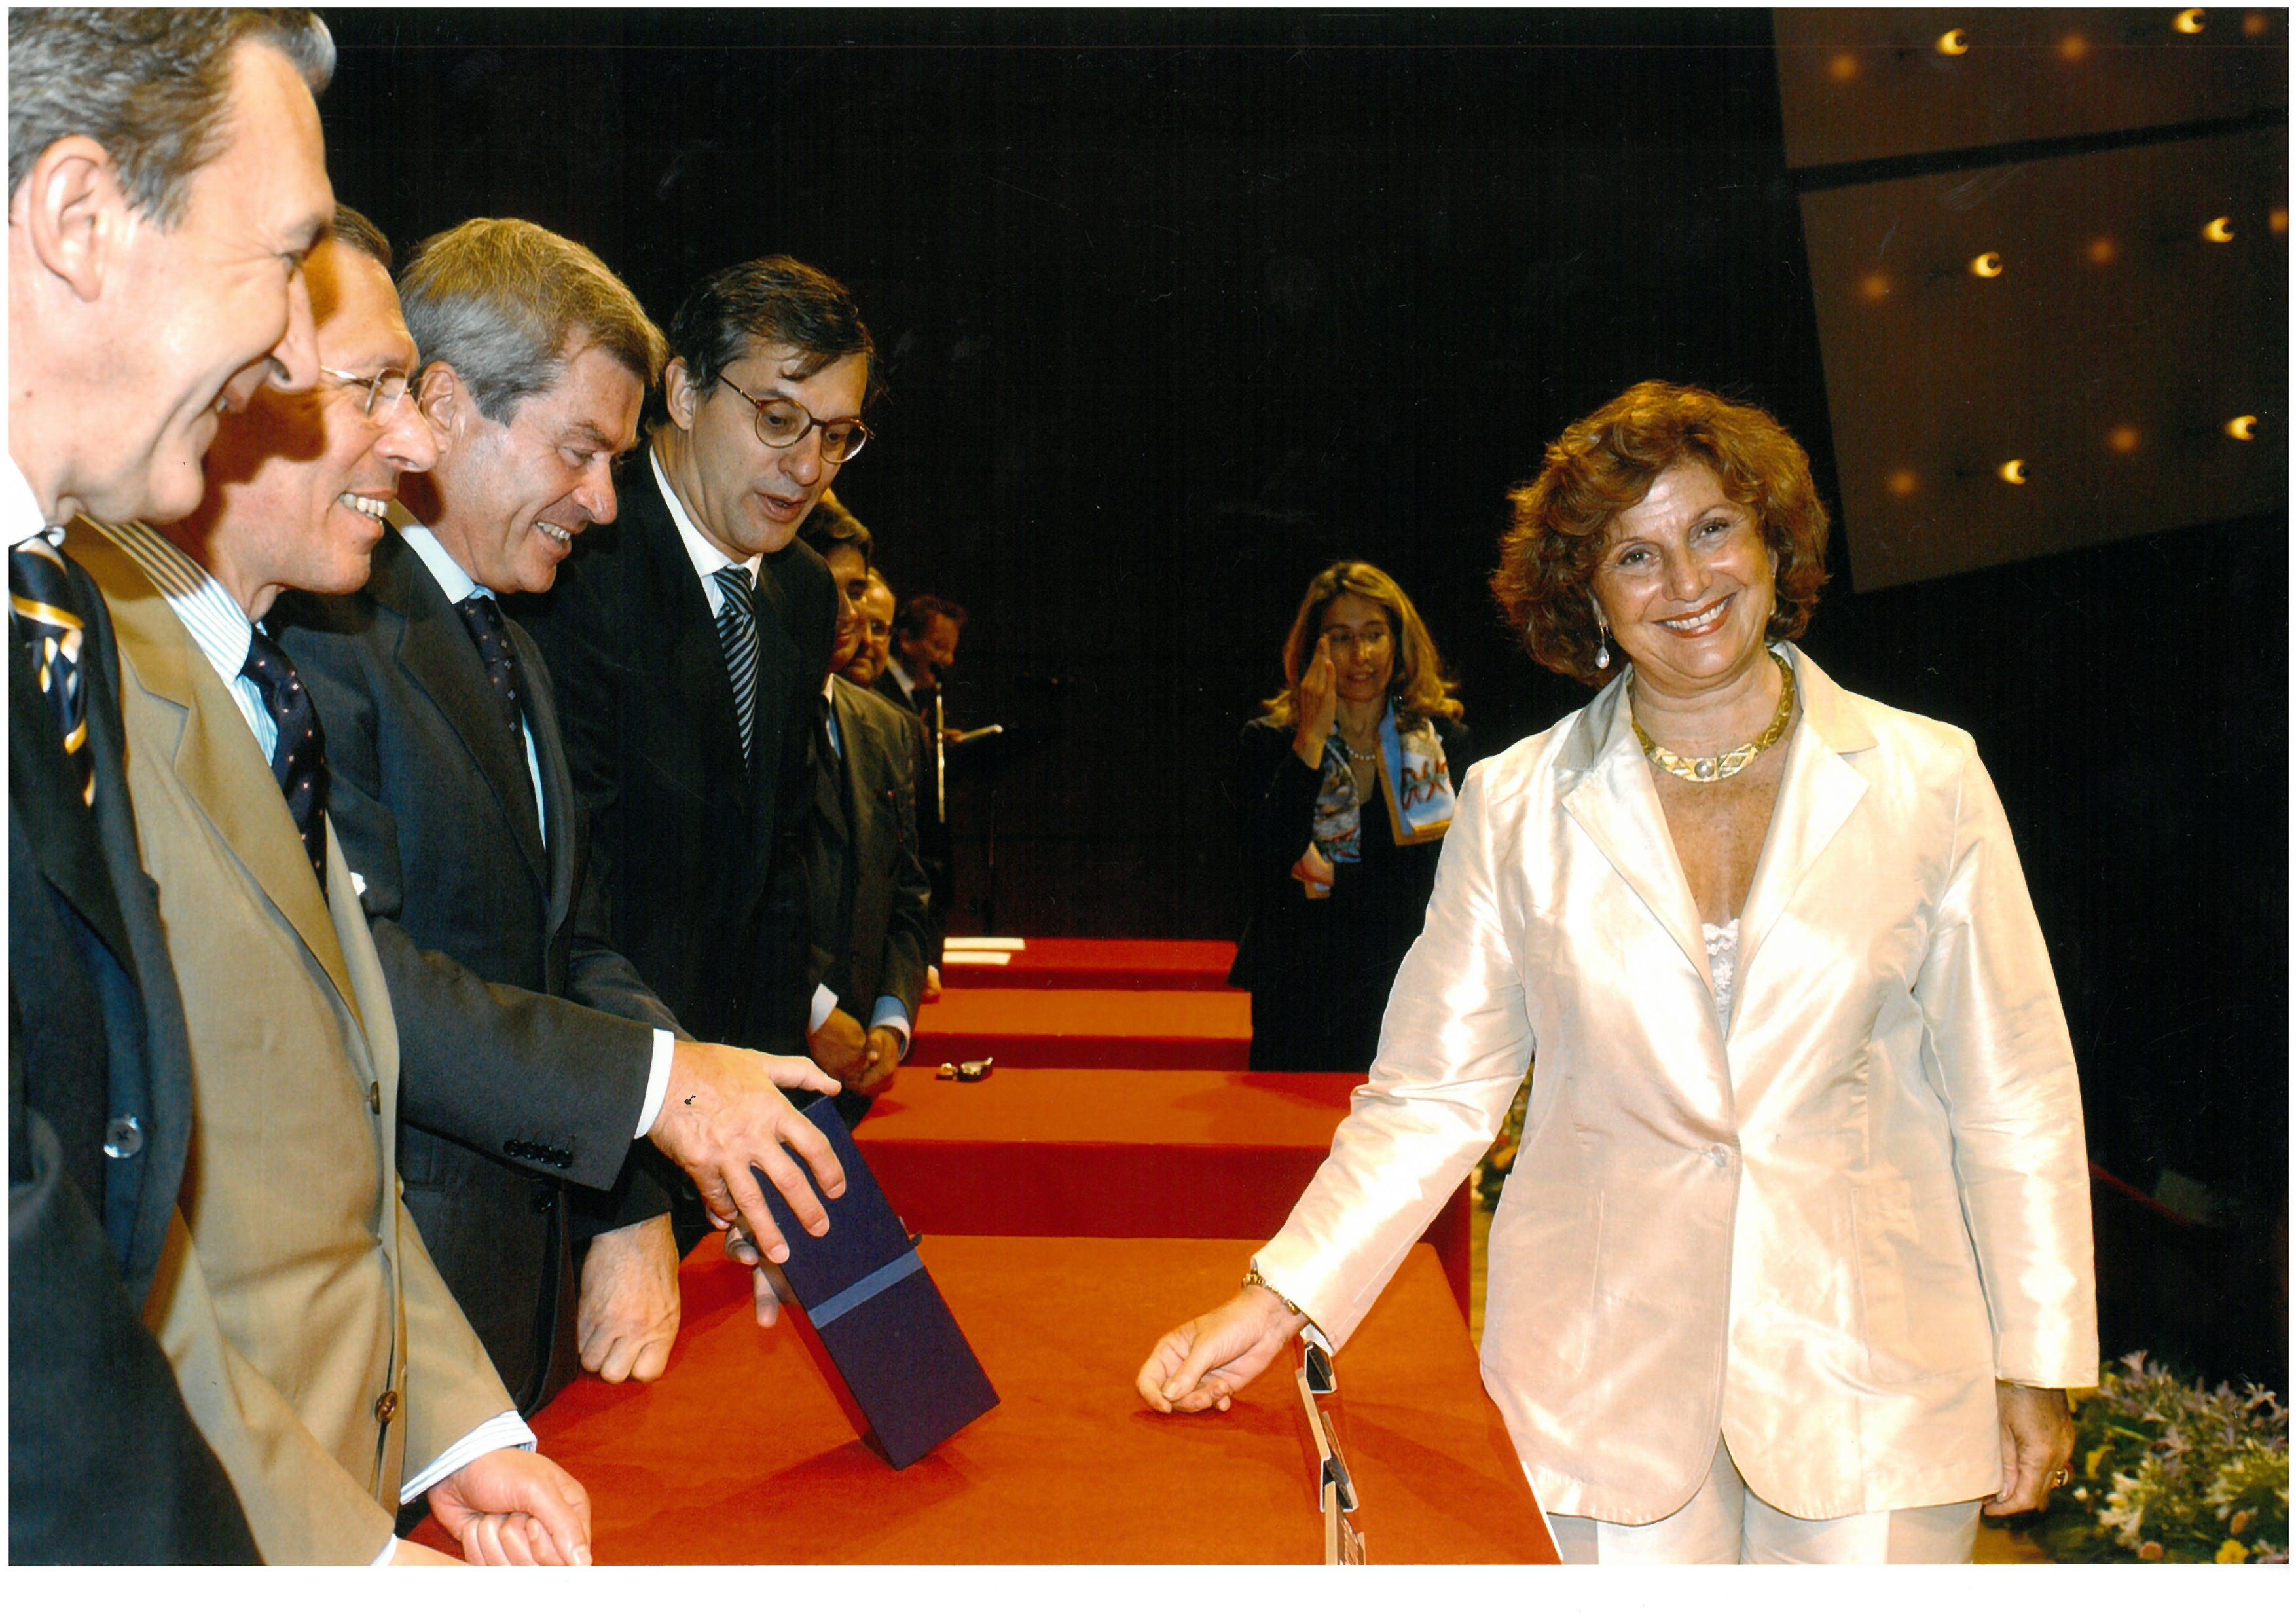 Premio Piazza Mercanti, promosso da Camera di Commercio di Milano (2003)